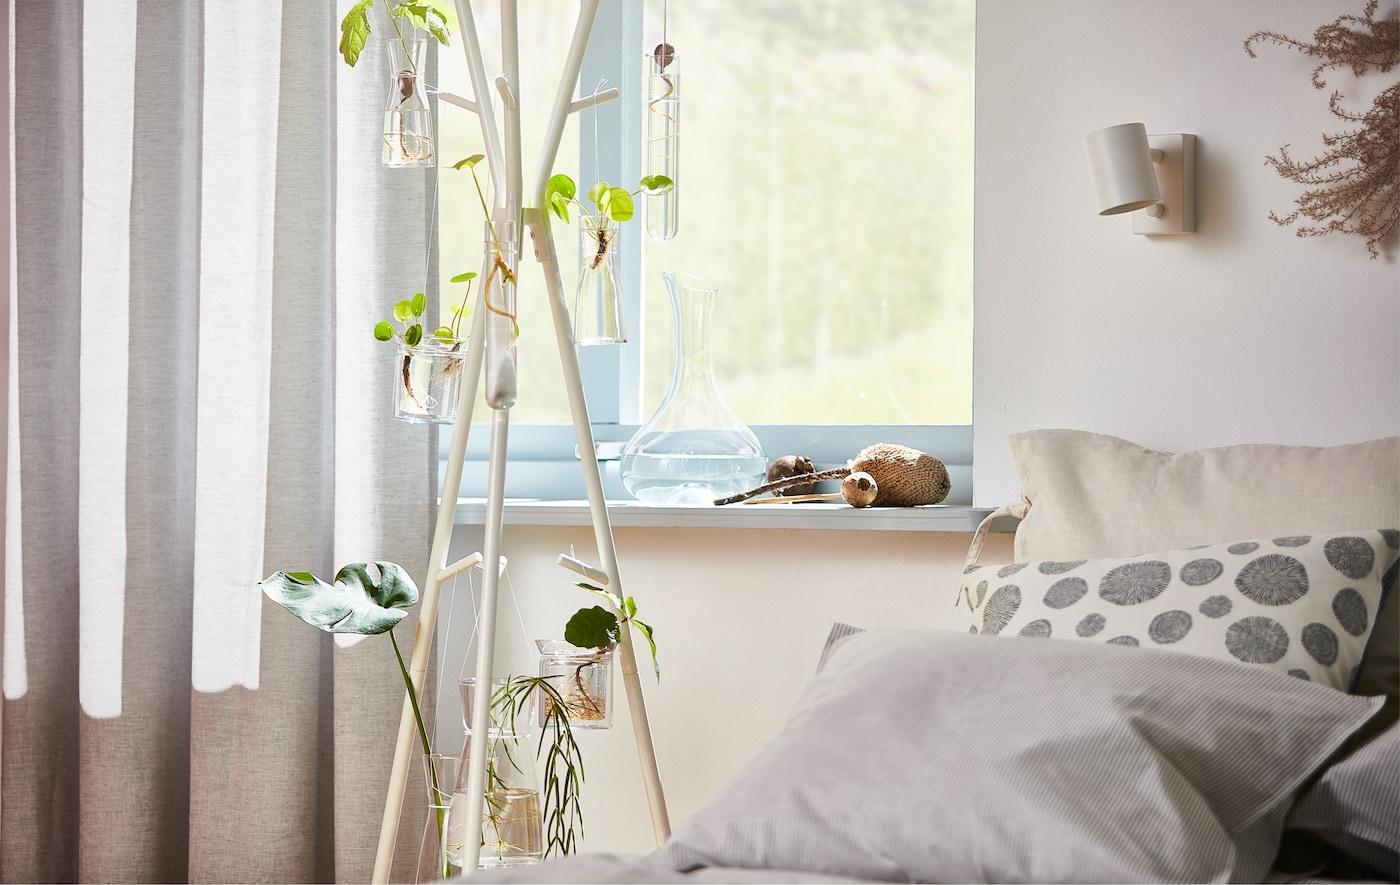 EKRAR stalak za šešire i kapute savršen je za dekoriranje prostora s pomoću sadnica uzgojenih kod kuće.